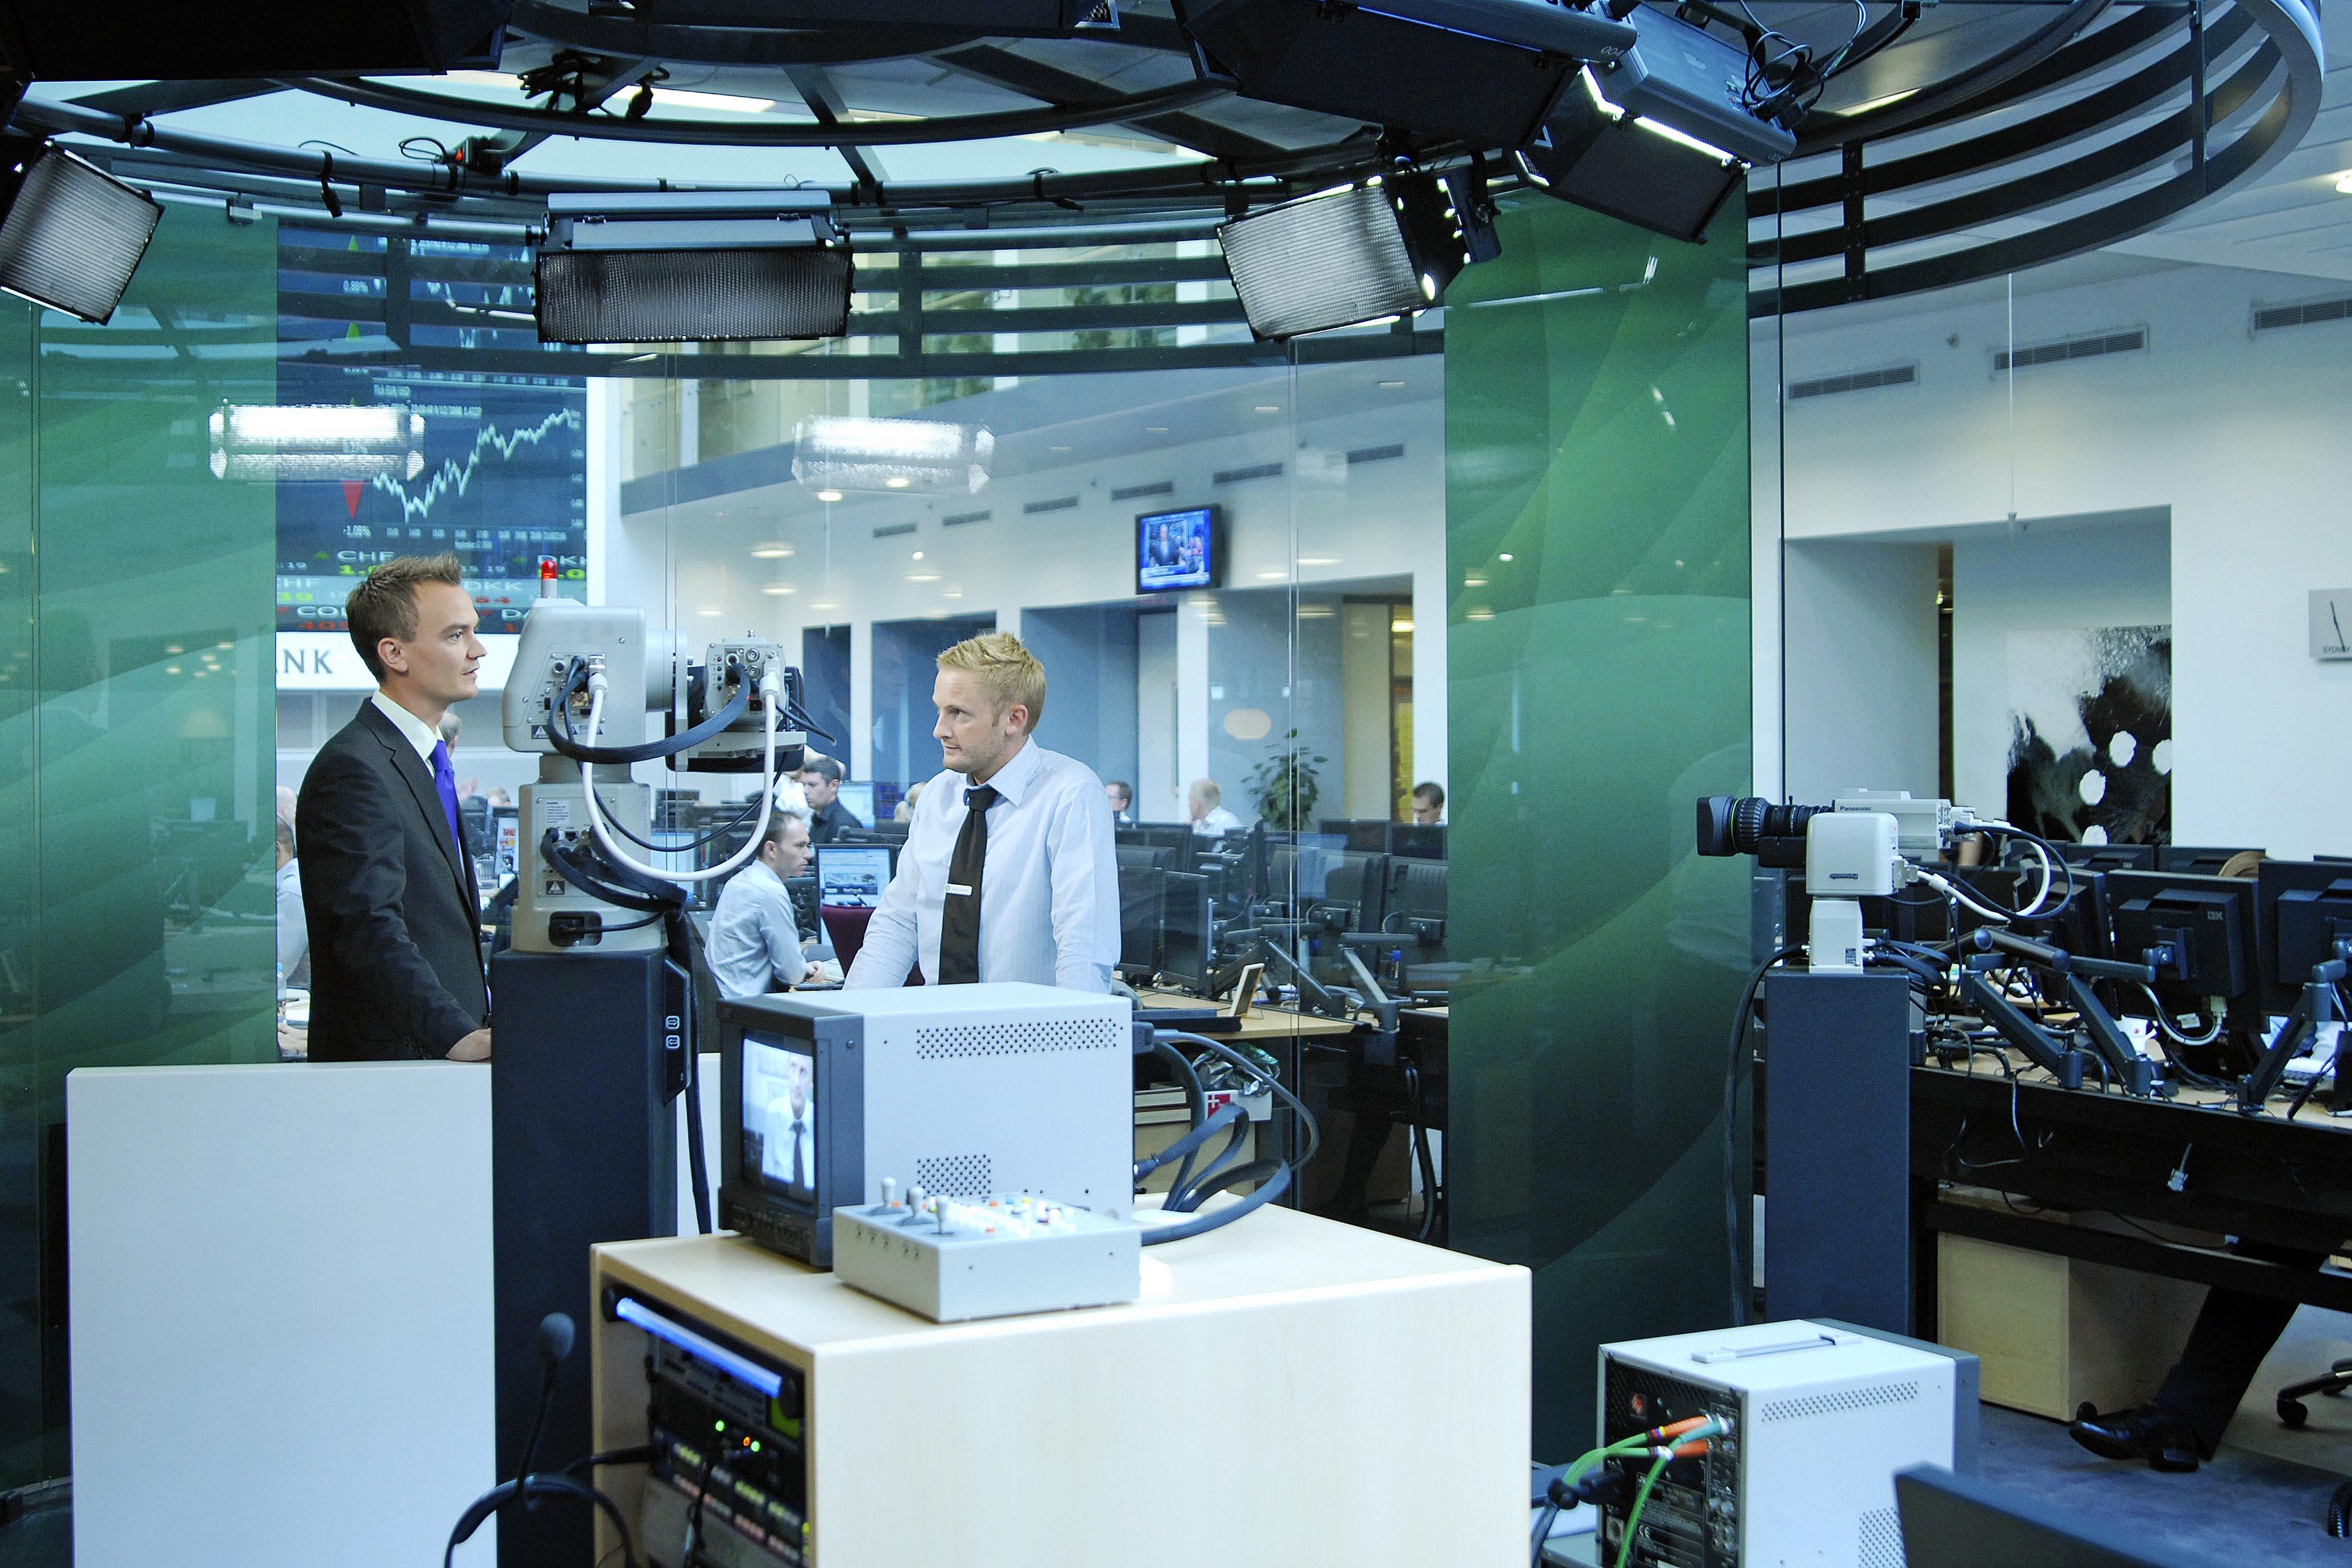 Besøg Hos Verdenspræmieret Jyskebank TV